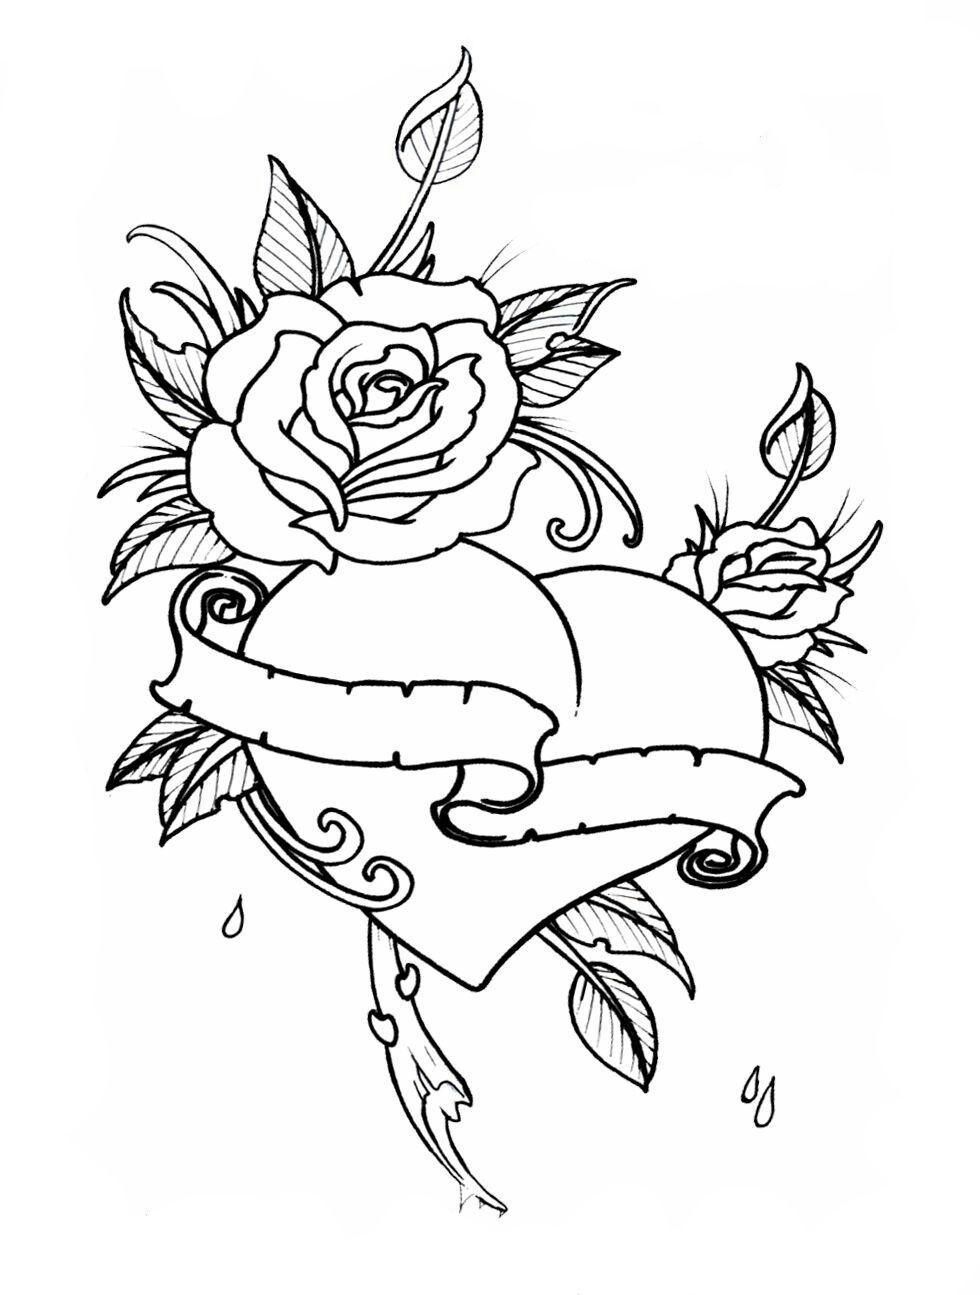 Colorir Com Imagens Paginas Para Colorir Desenhos Rosas